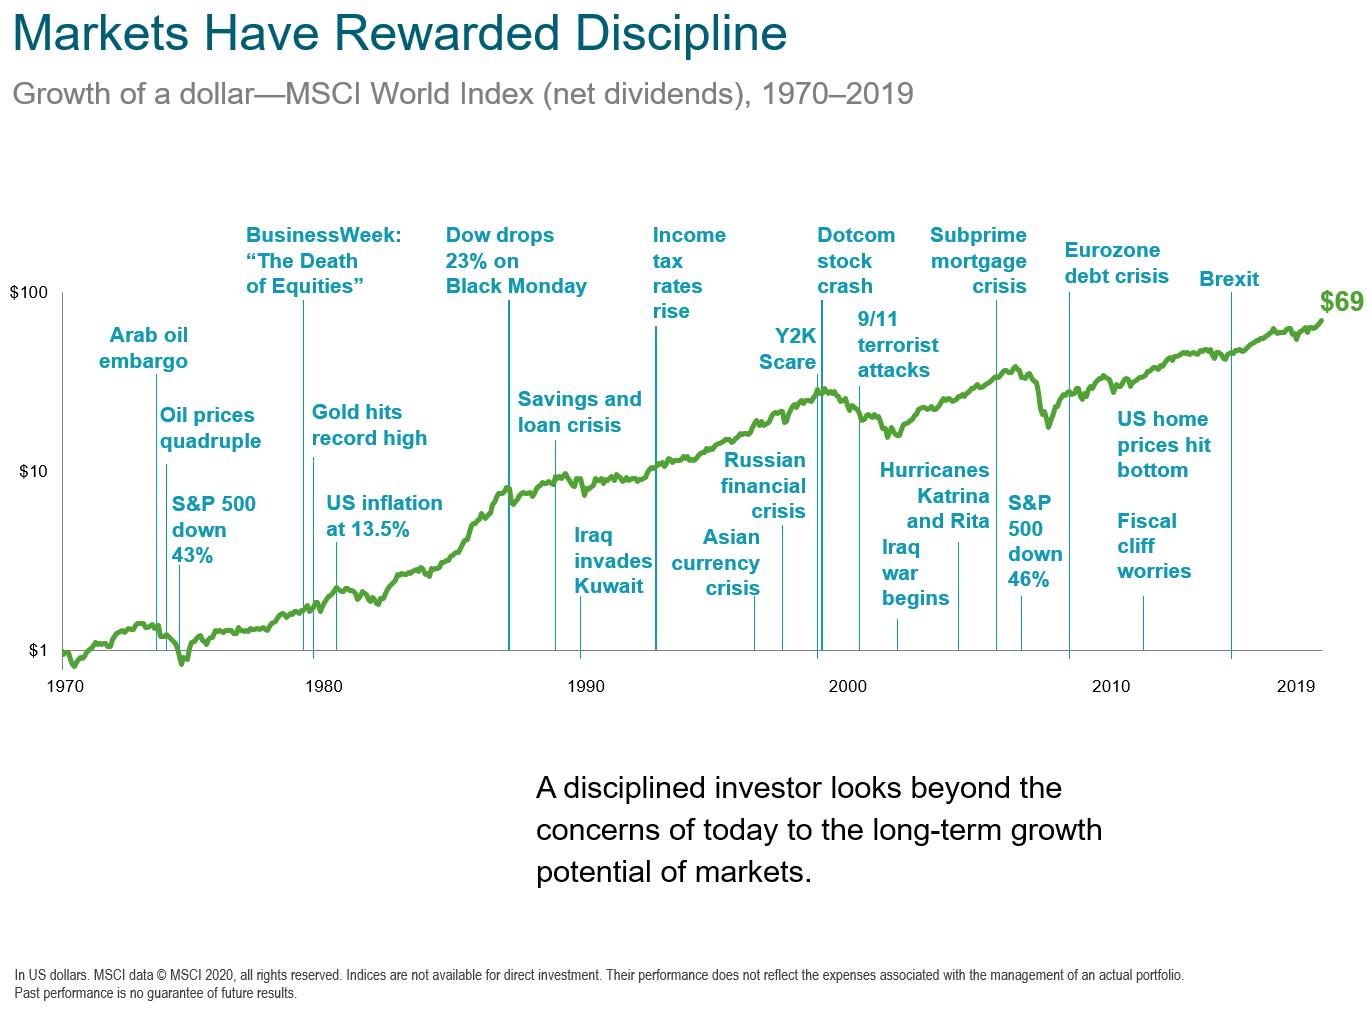 markets reward discipline